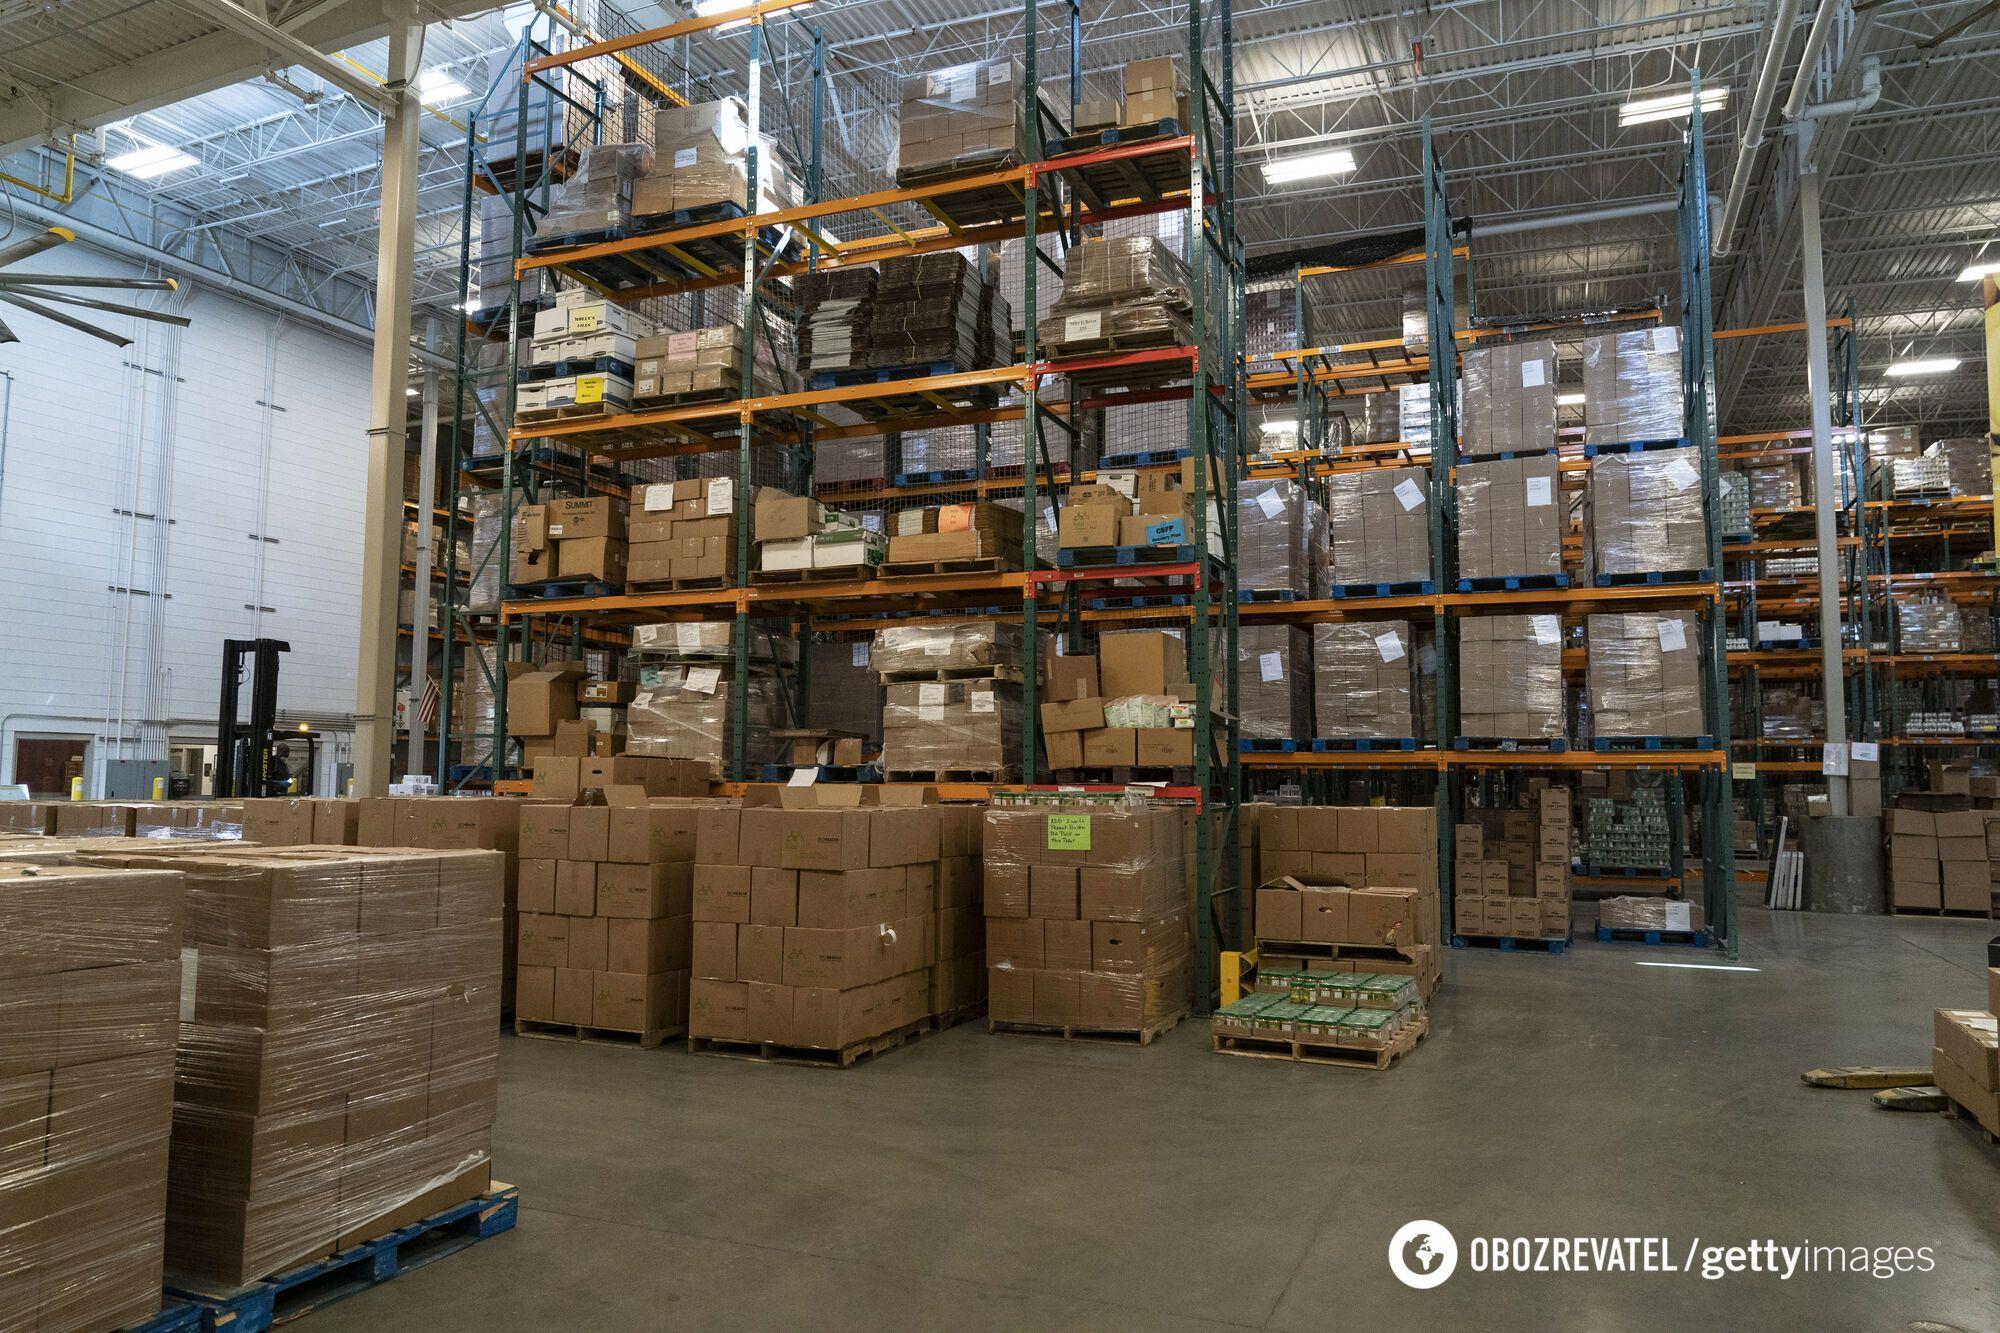 За работу на складах платят 12-14 злотых (84-98 грн) в час